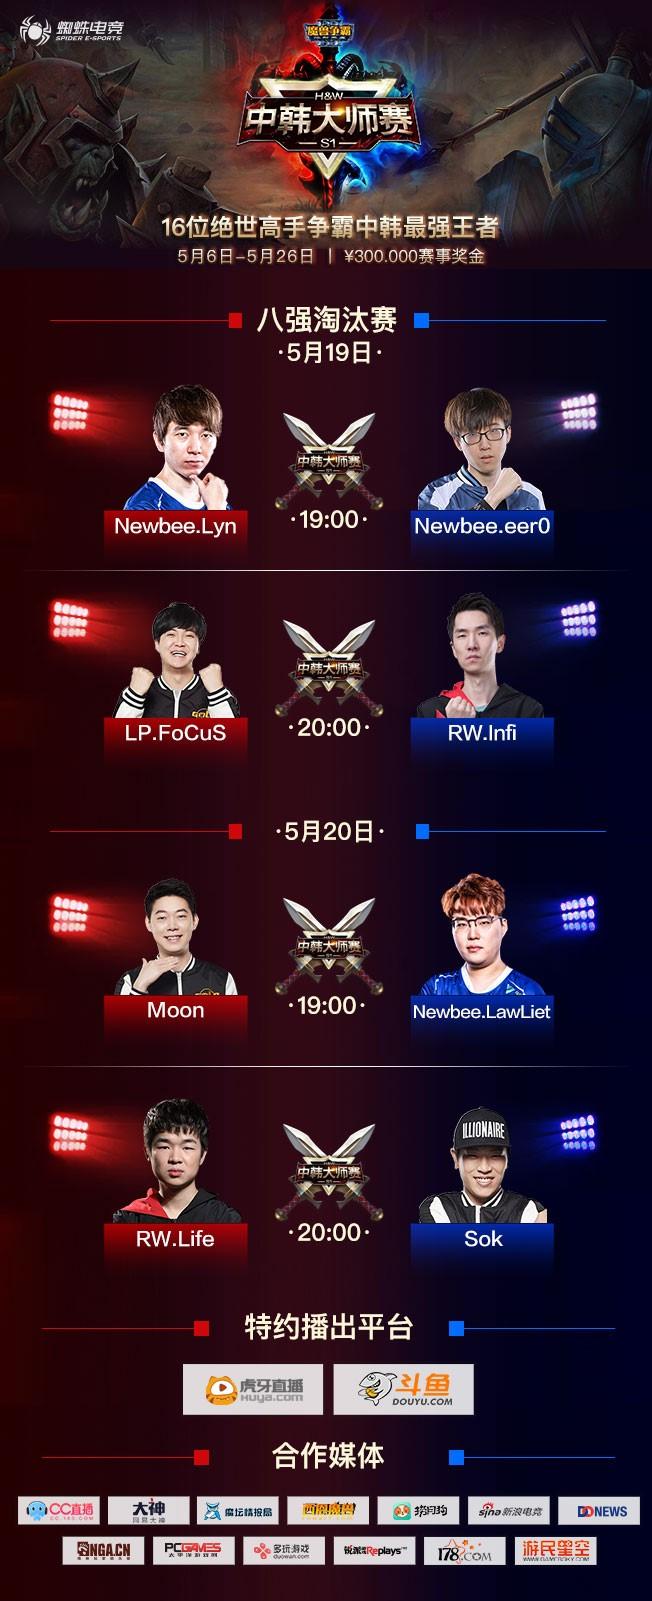 h&w中韩大师赛八强对阵亮点一览,新老之争三族鼎力,世界最强精灵内战!